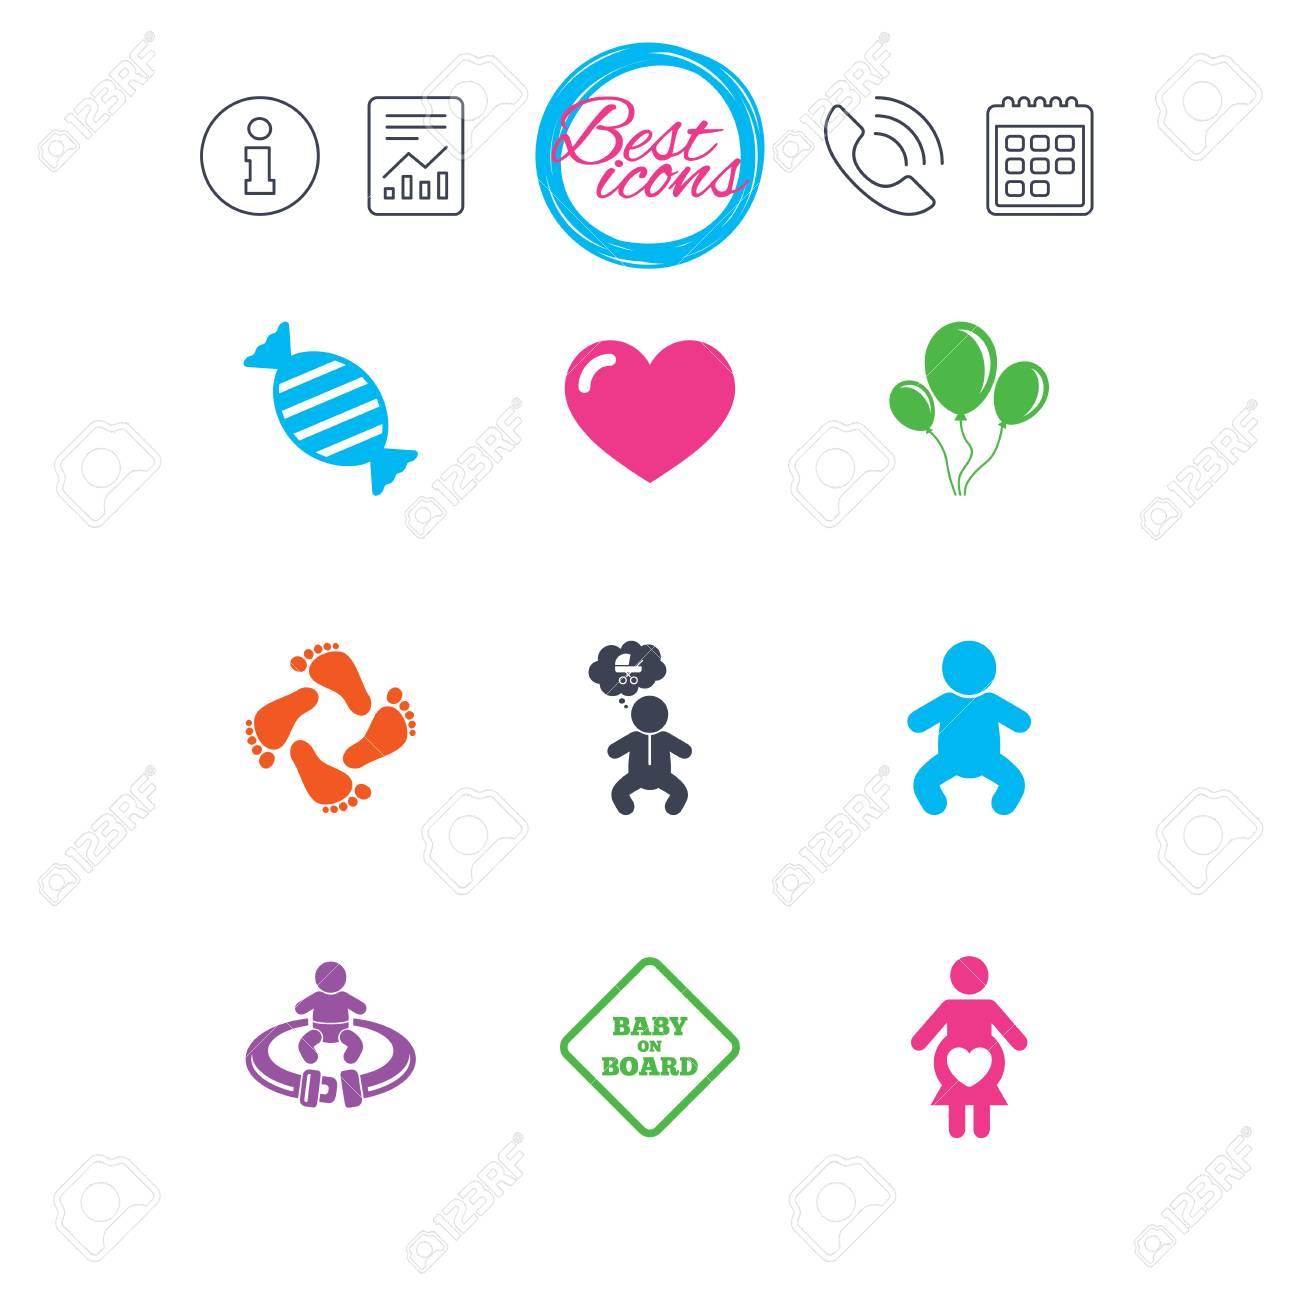 Calendario Maternita.Informazioni Segnalazioni E Segni Del Calendario Icone Di Gravidanza Maternita E Cura Del Bambino Caramelle Passeggini E Segni Di Cintura Di